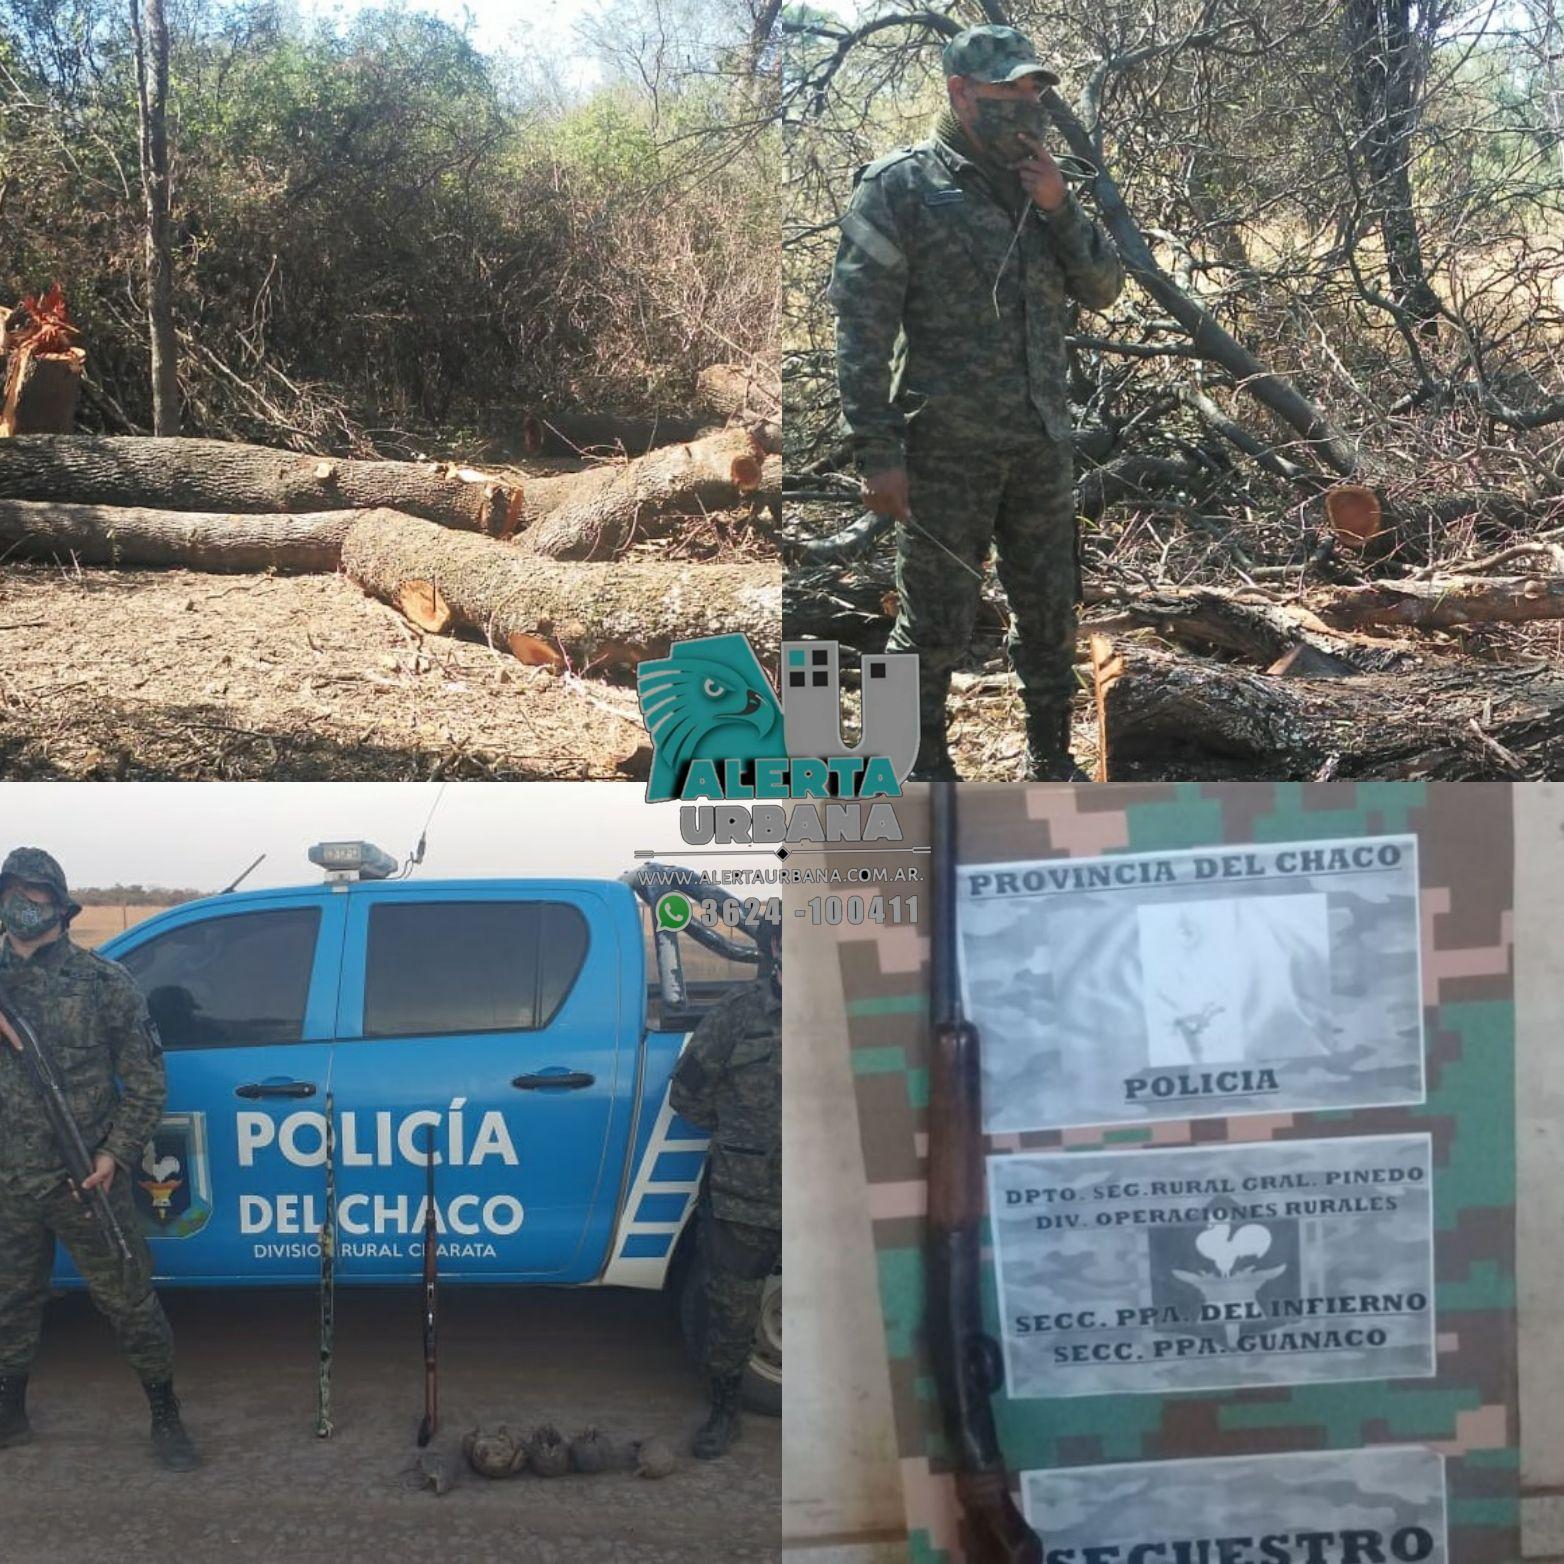 General Pinedo: interceptan cazadores con rifles y una escopeta